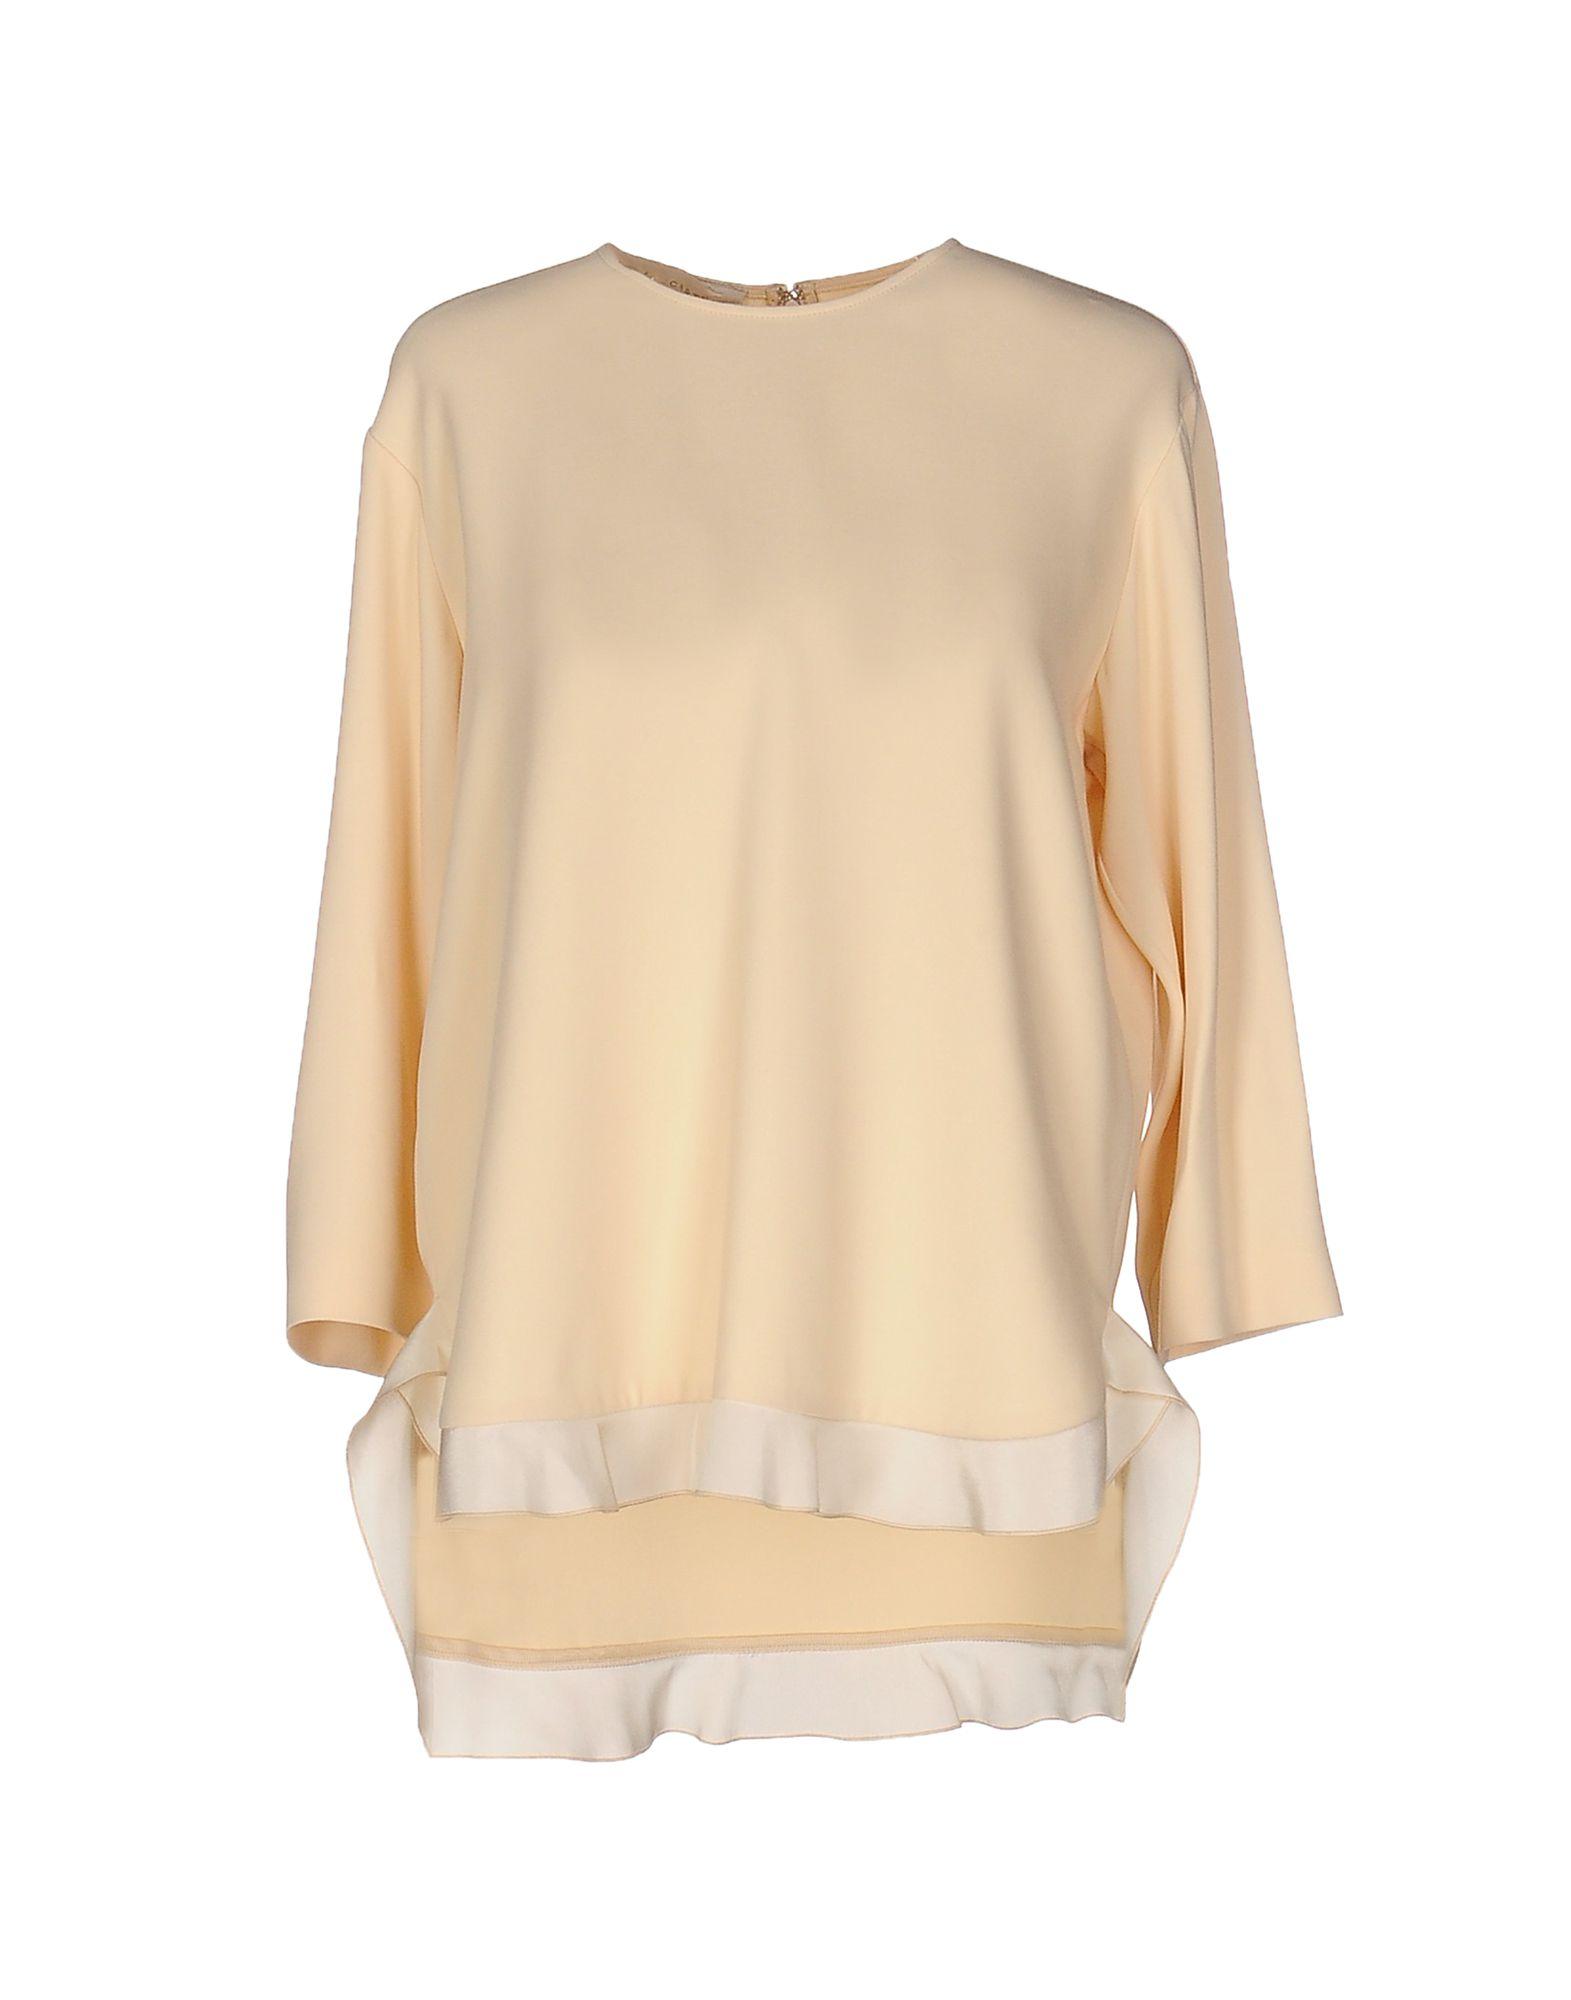 Blusa Stella Mccartney Donna - Acquista online su f7xkX68